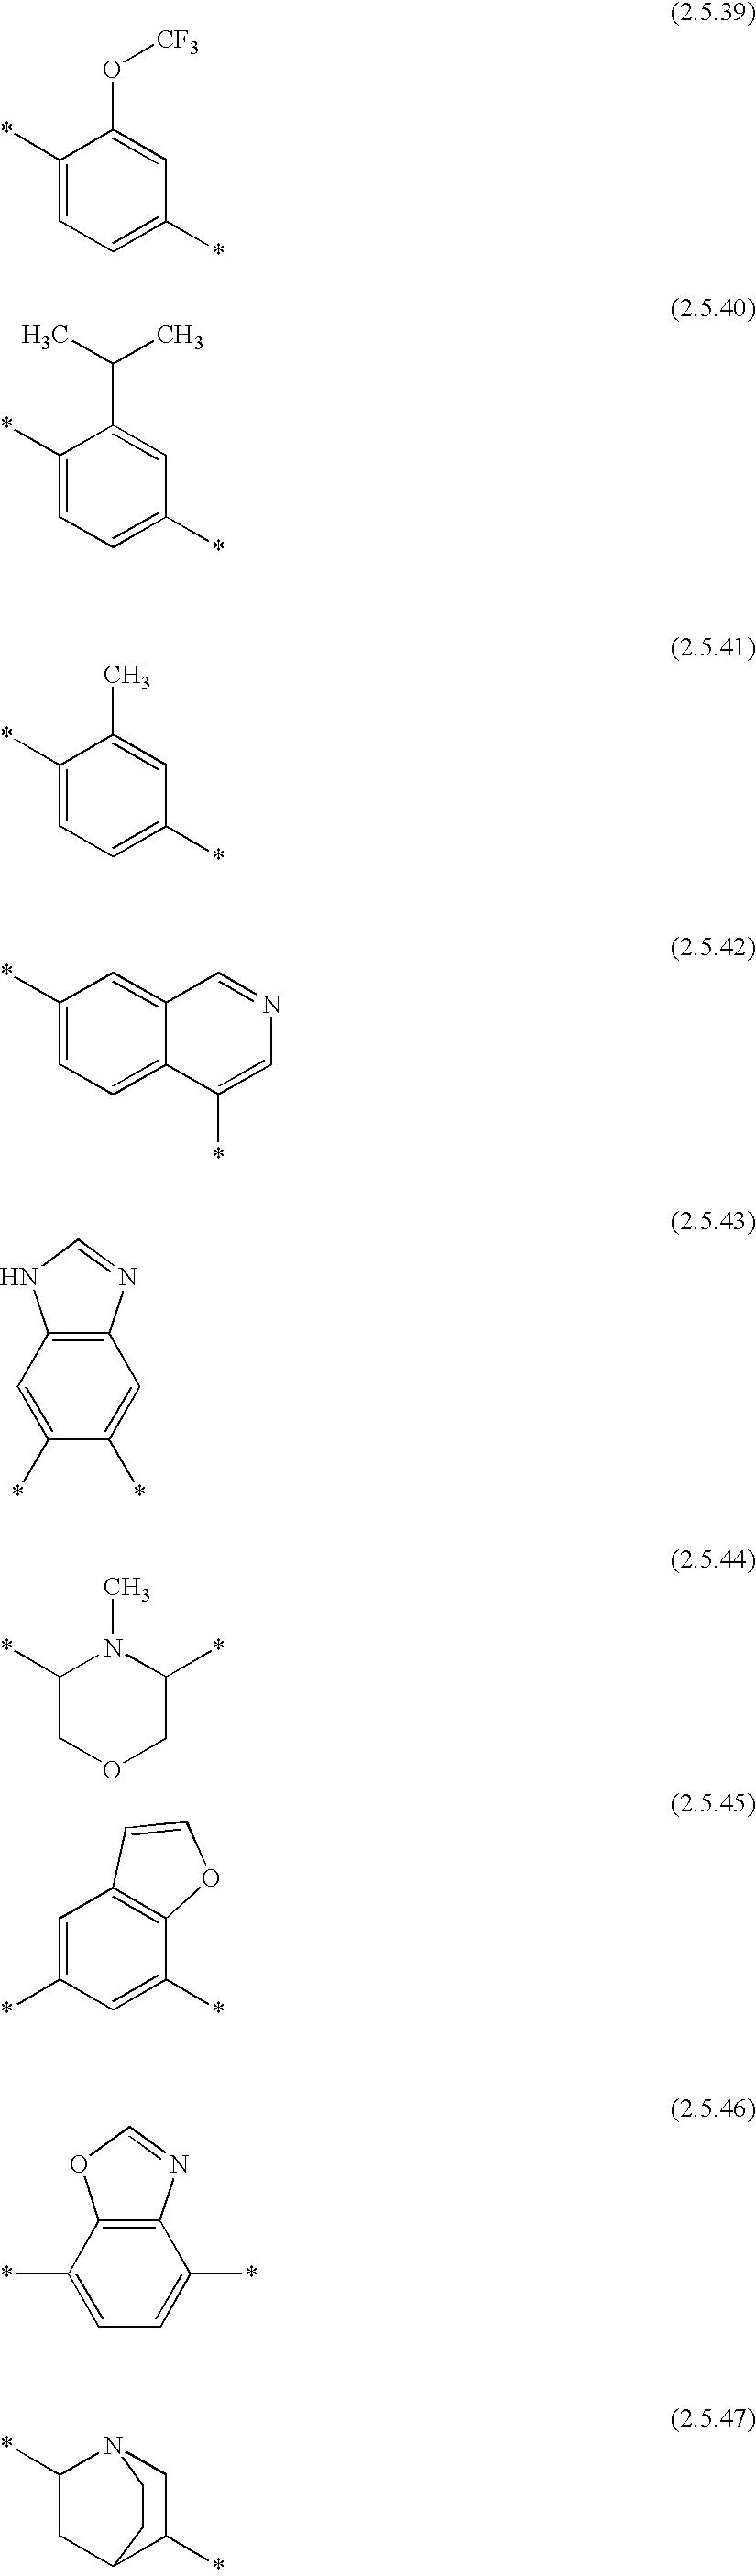 Figure US20030186974A1-20031002-C00097